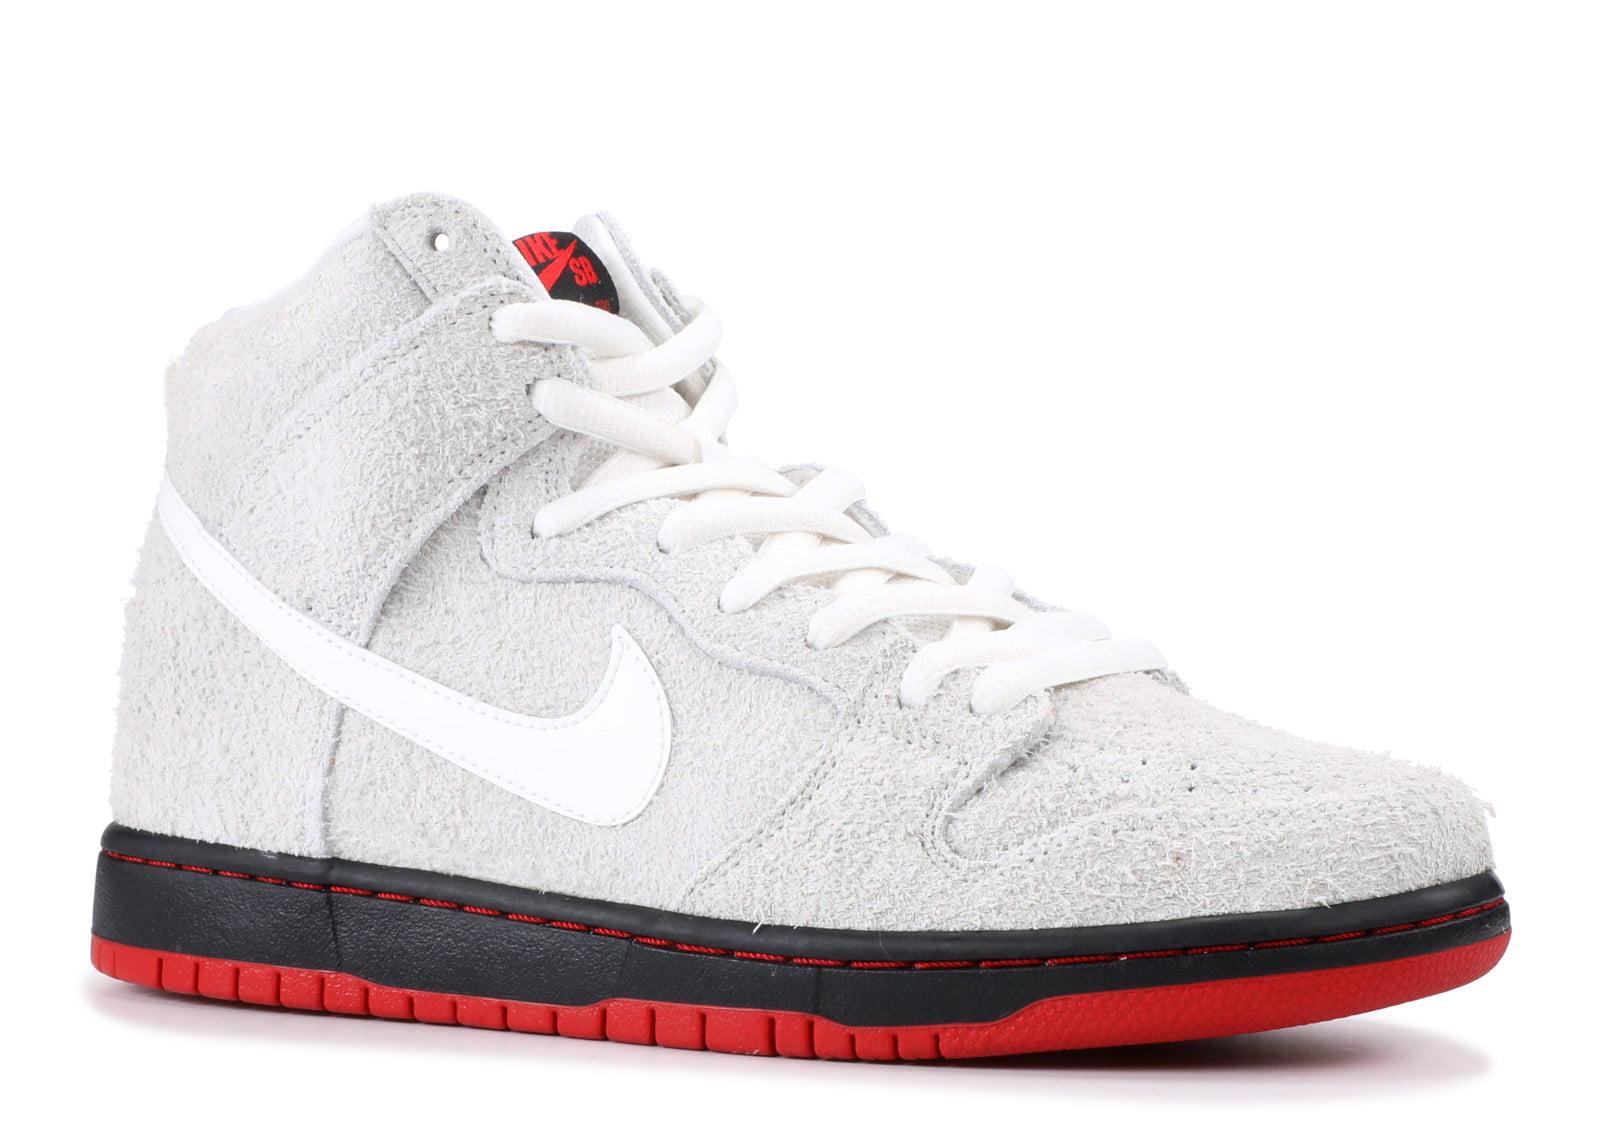 4088fa0b0ea5e Nike - Men - Sb Dunk High Trd Qs  Black Sheep  - 881758-110 - Size 7